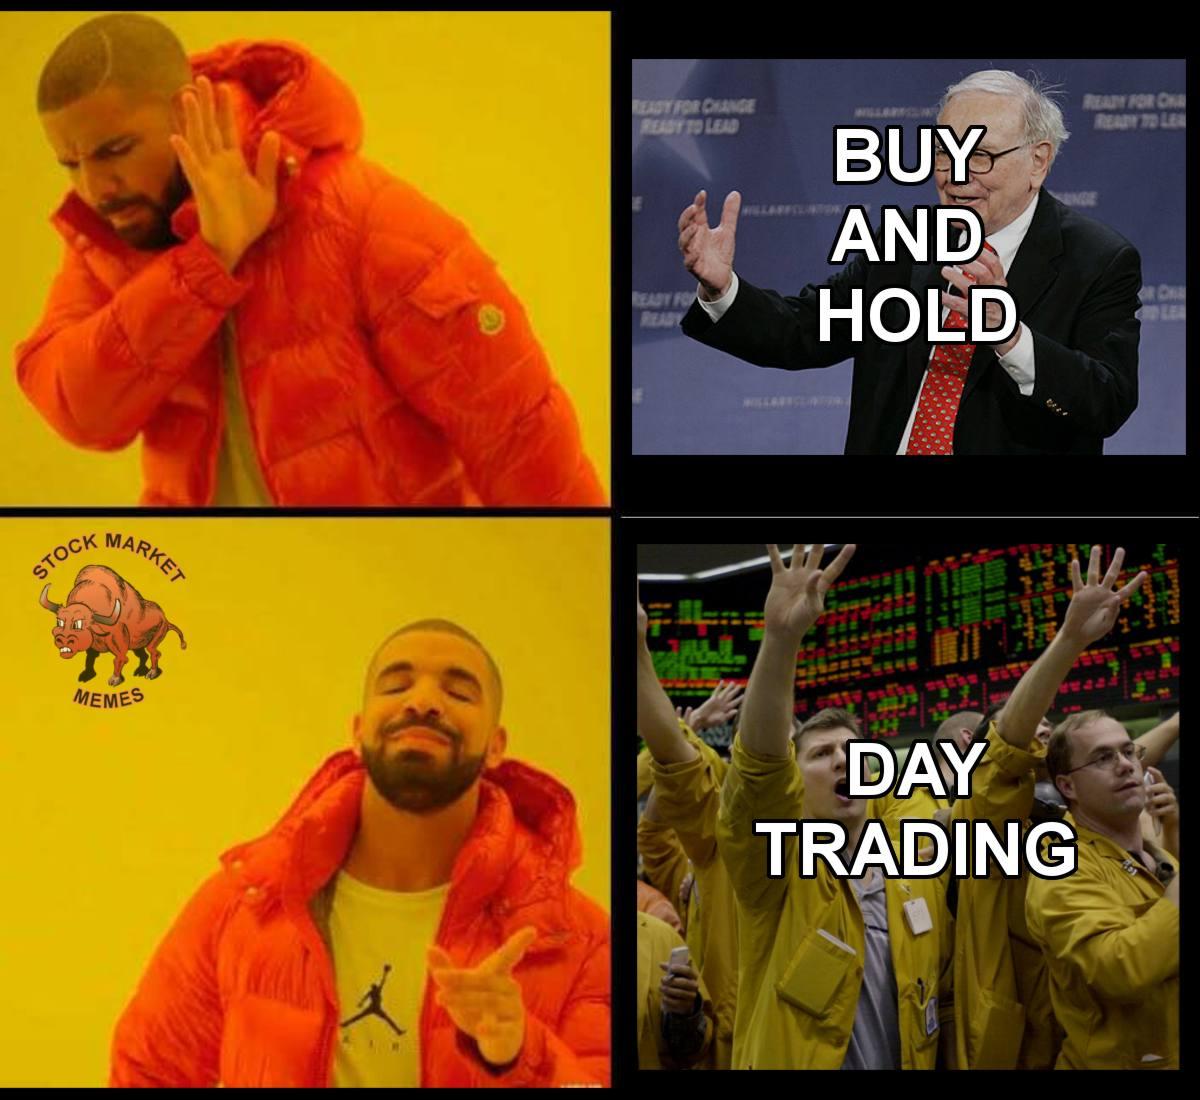 Stock Market Memes (@StockMarketMeme) | Twitter